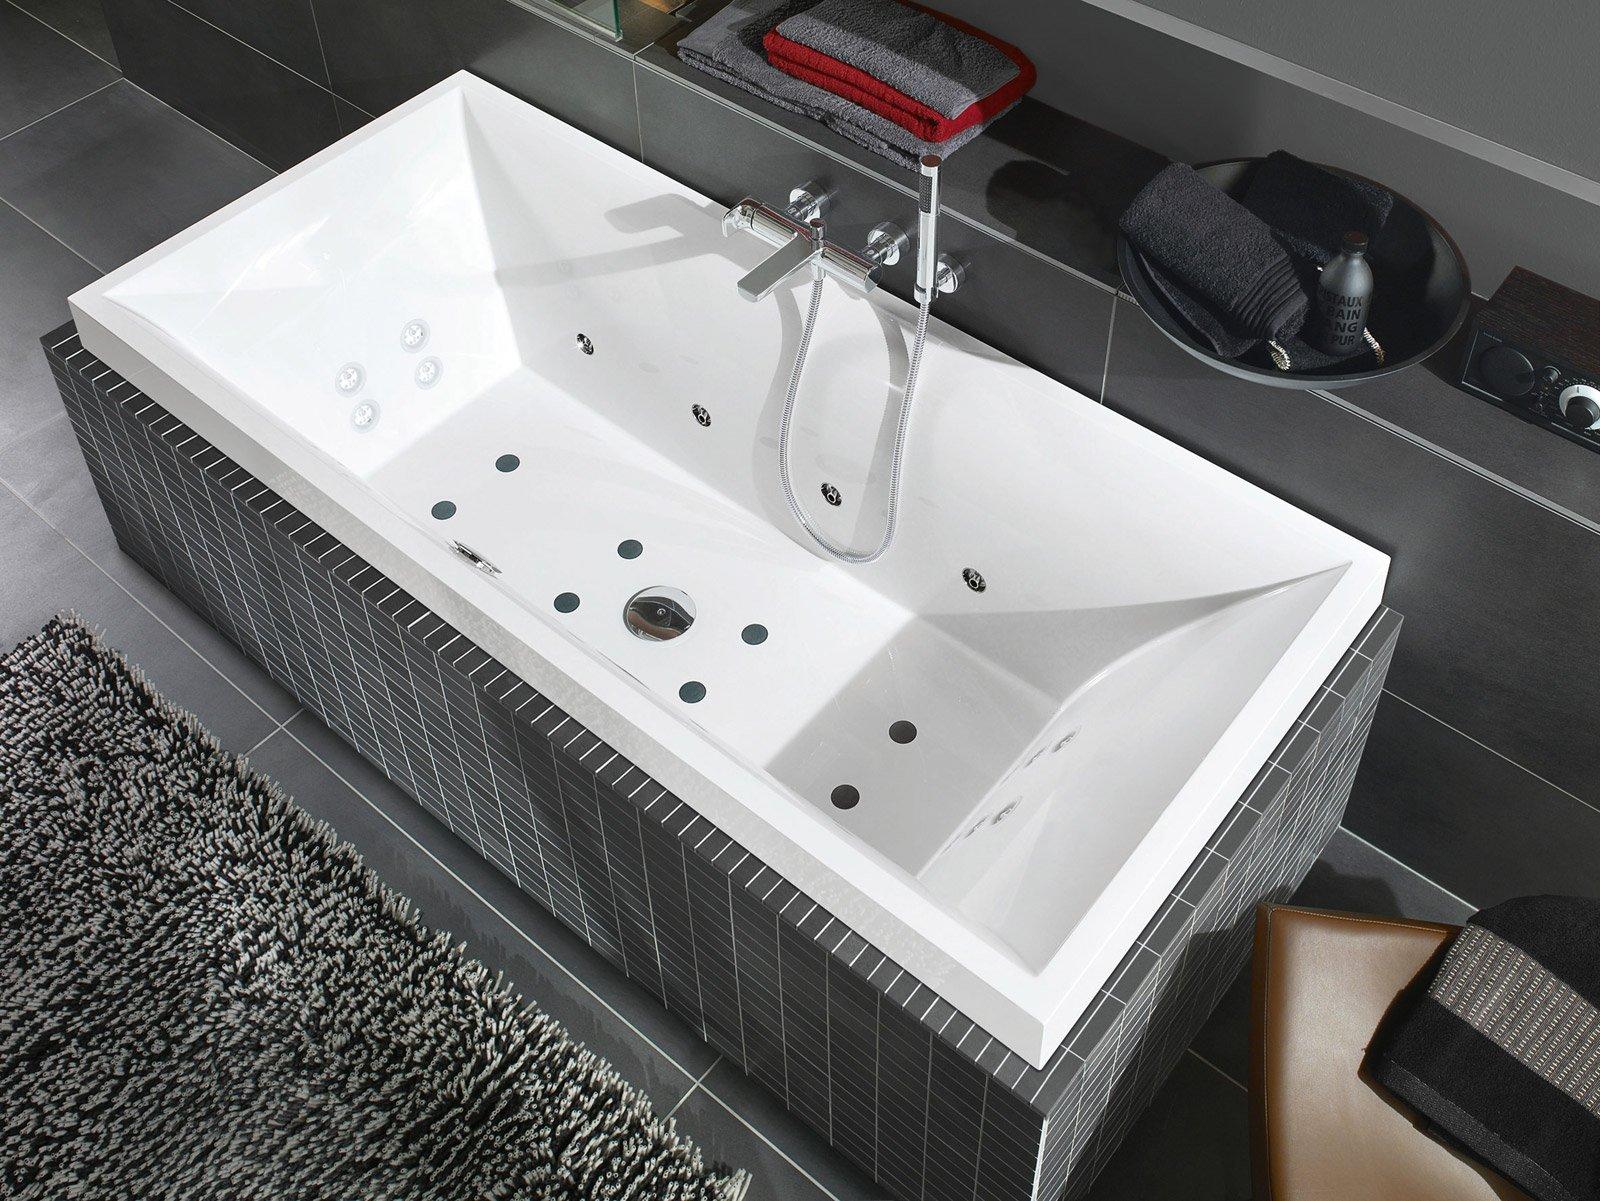 Vasca Da Bagno Leroy Merlin : Smalto vasca da bagno leroy merlin. affordable bagnomobili pensili